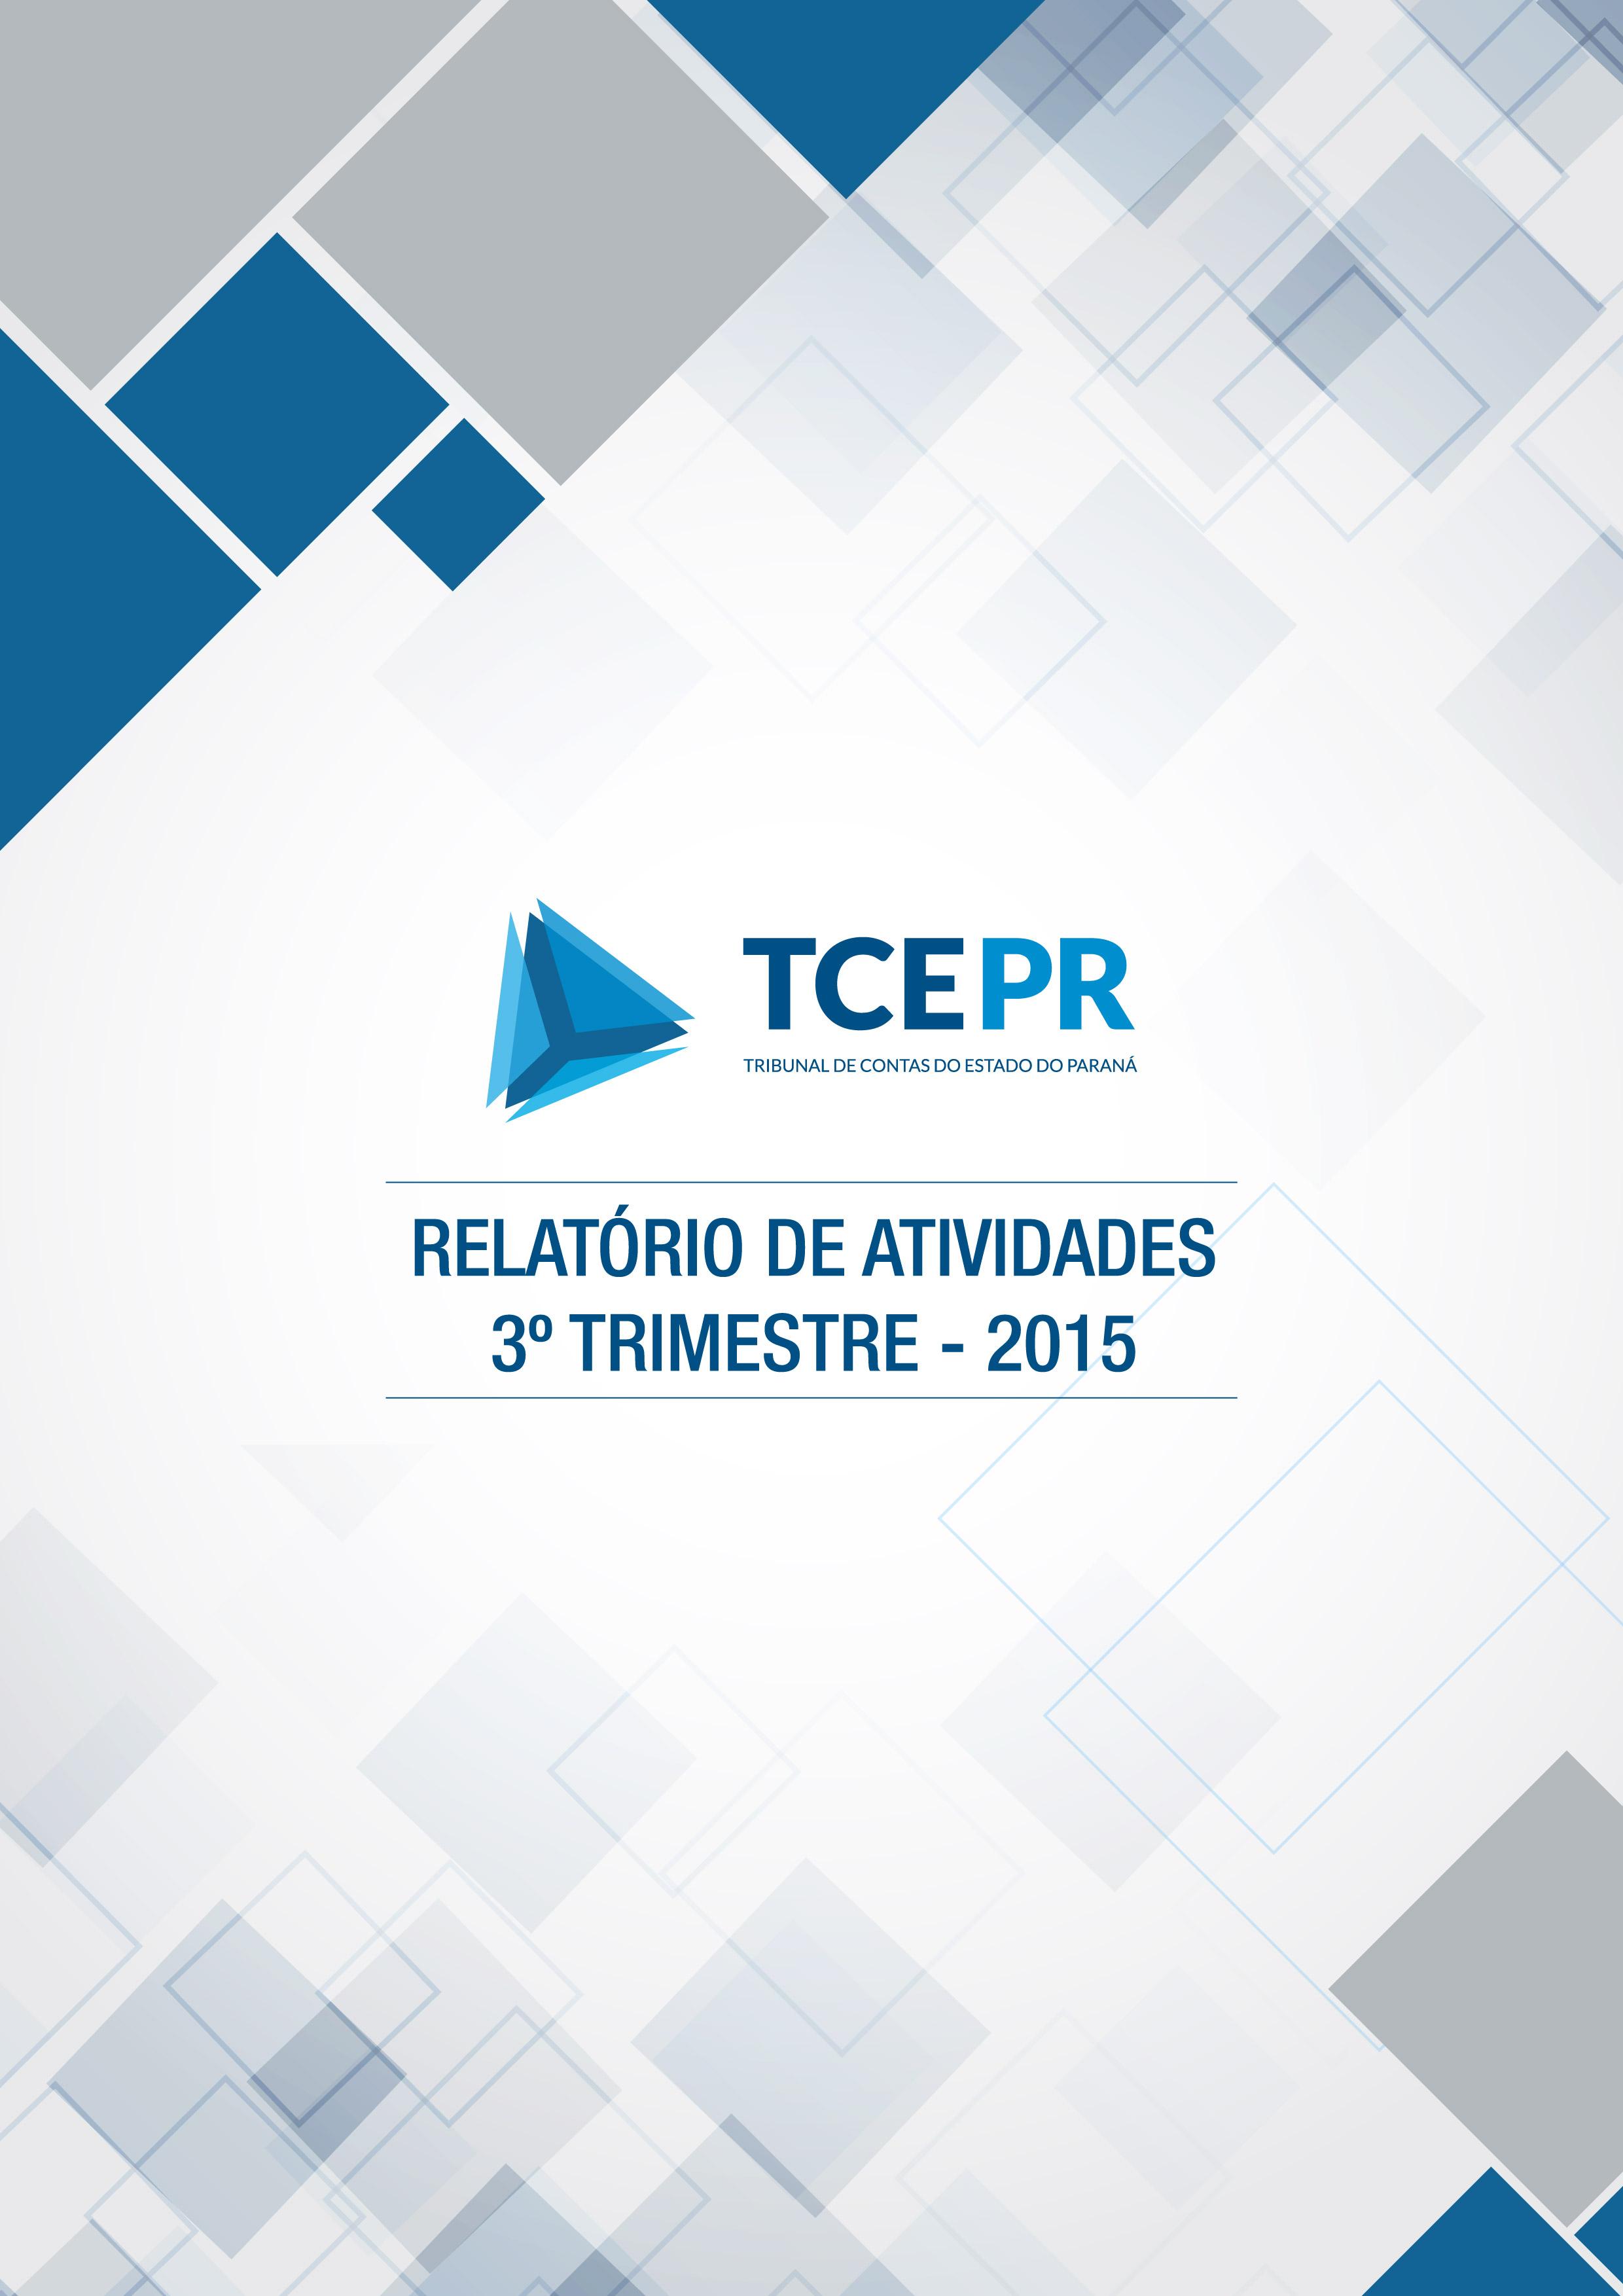 Relatório de Atividades - 3º trimestre 2015